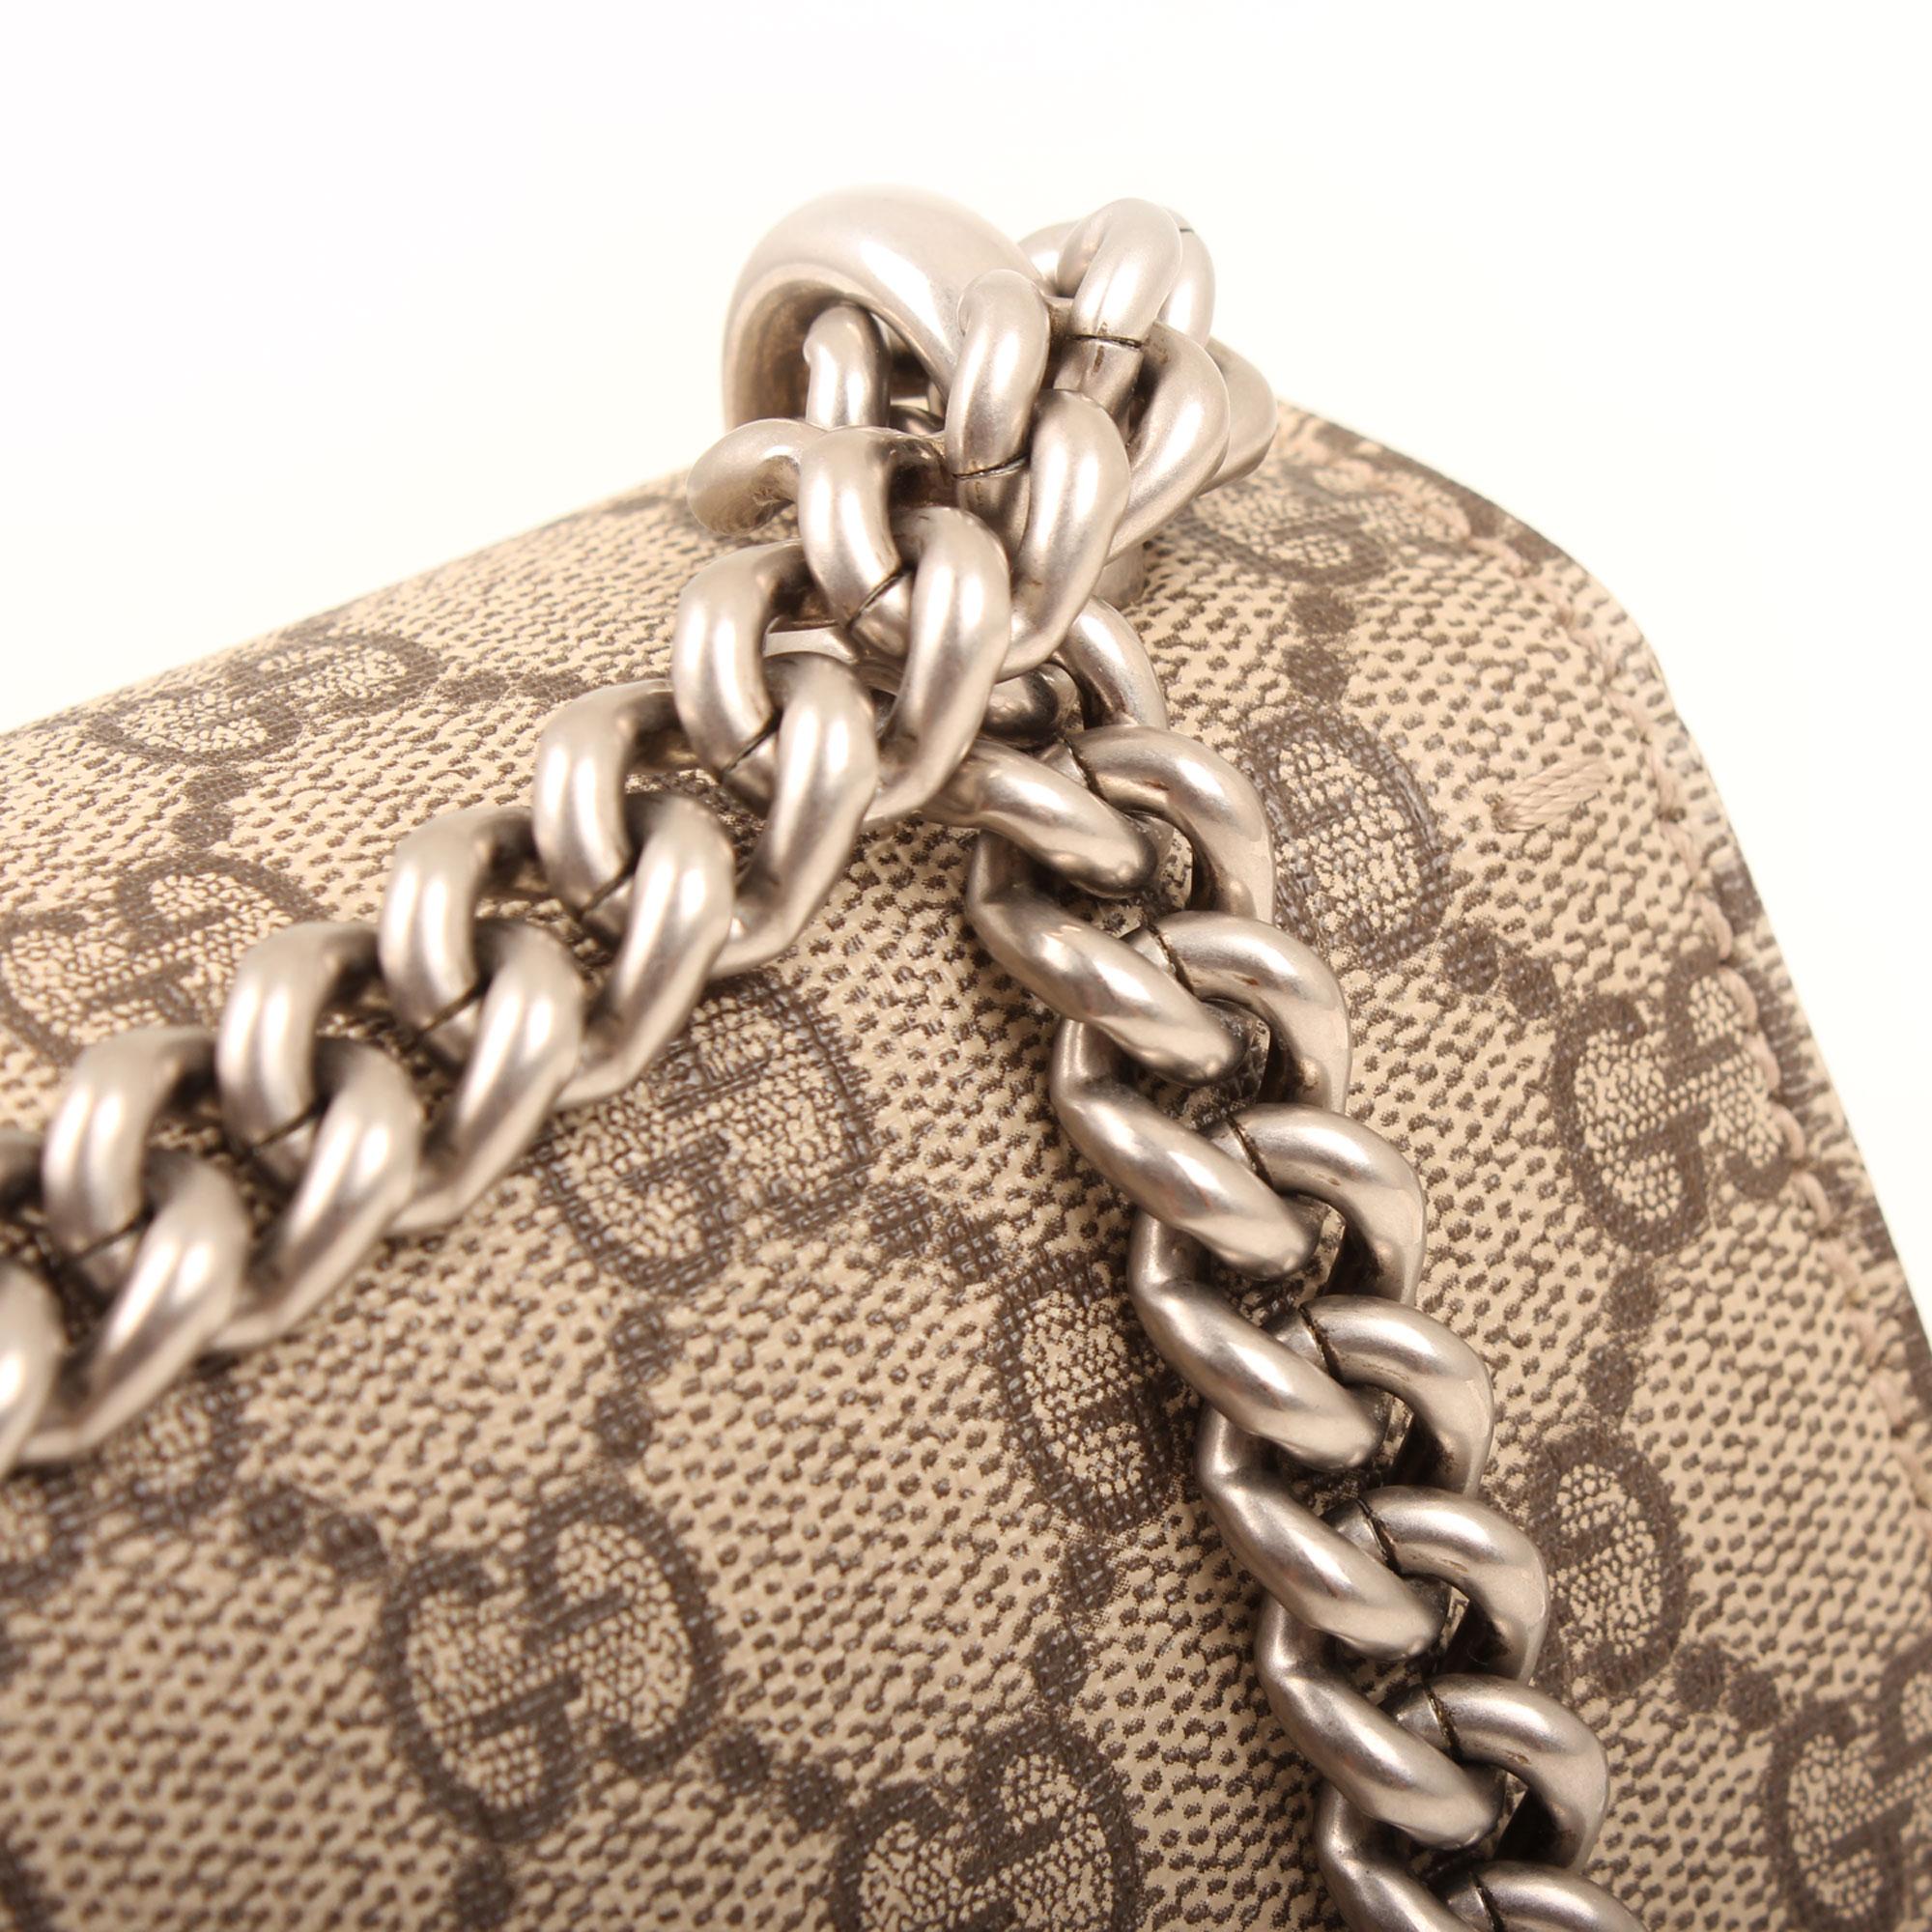 Imagen de detalle de la cadena del bolso gucci dyonisus gg supreme mini